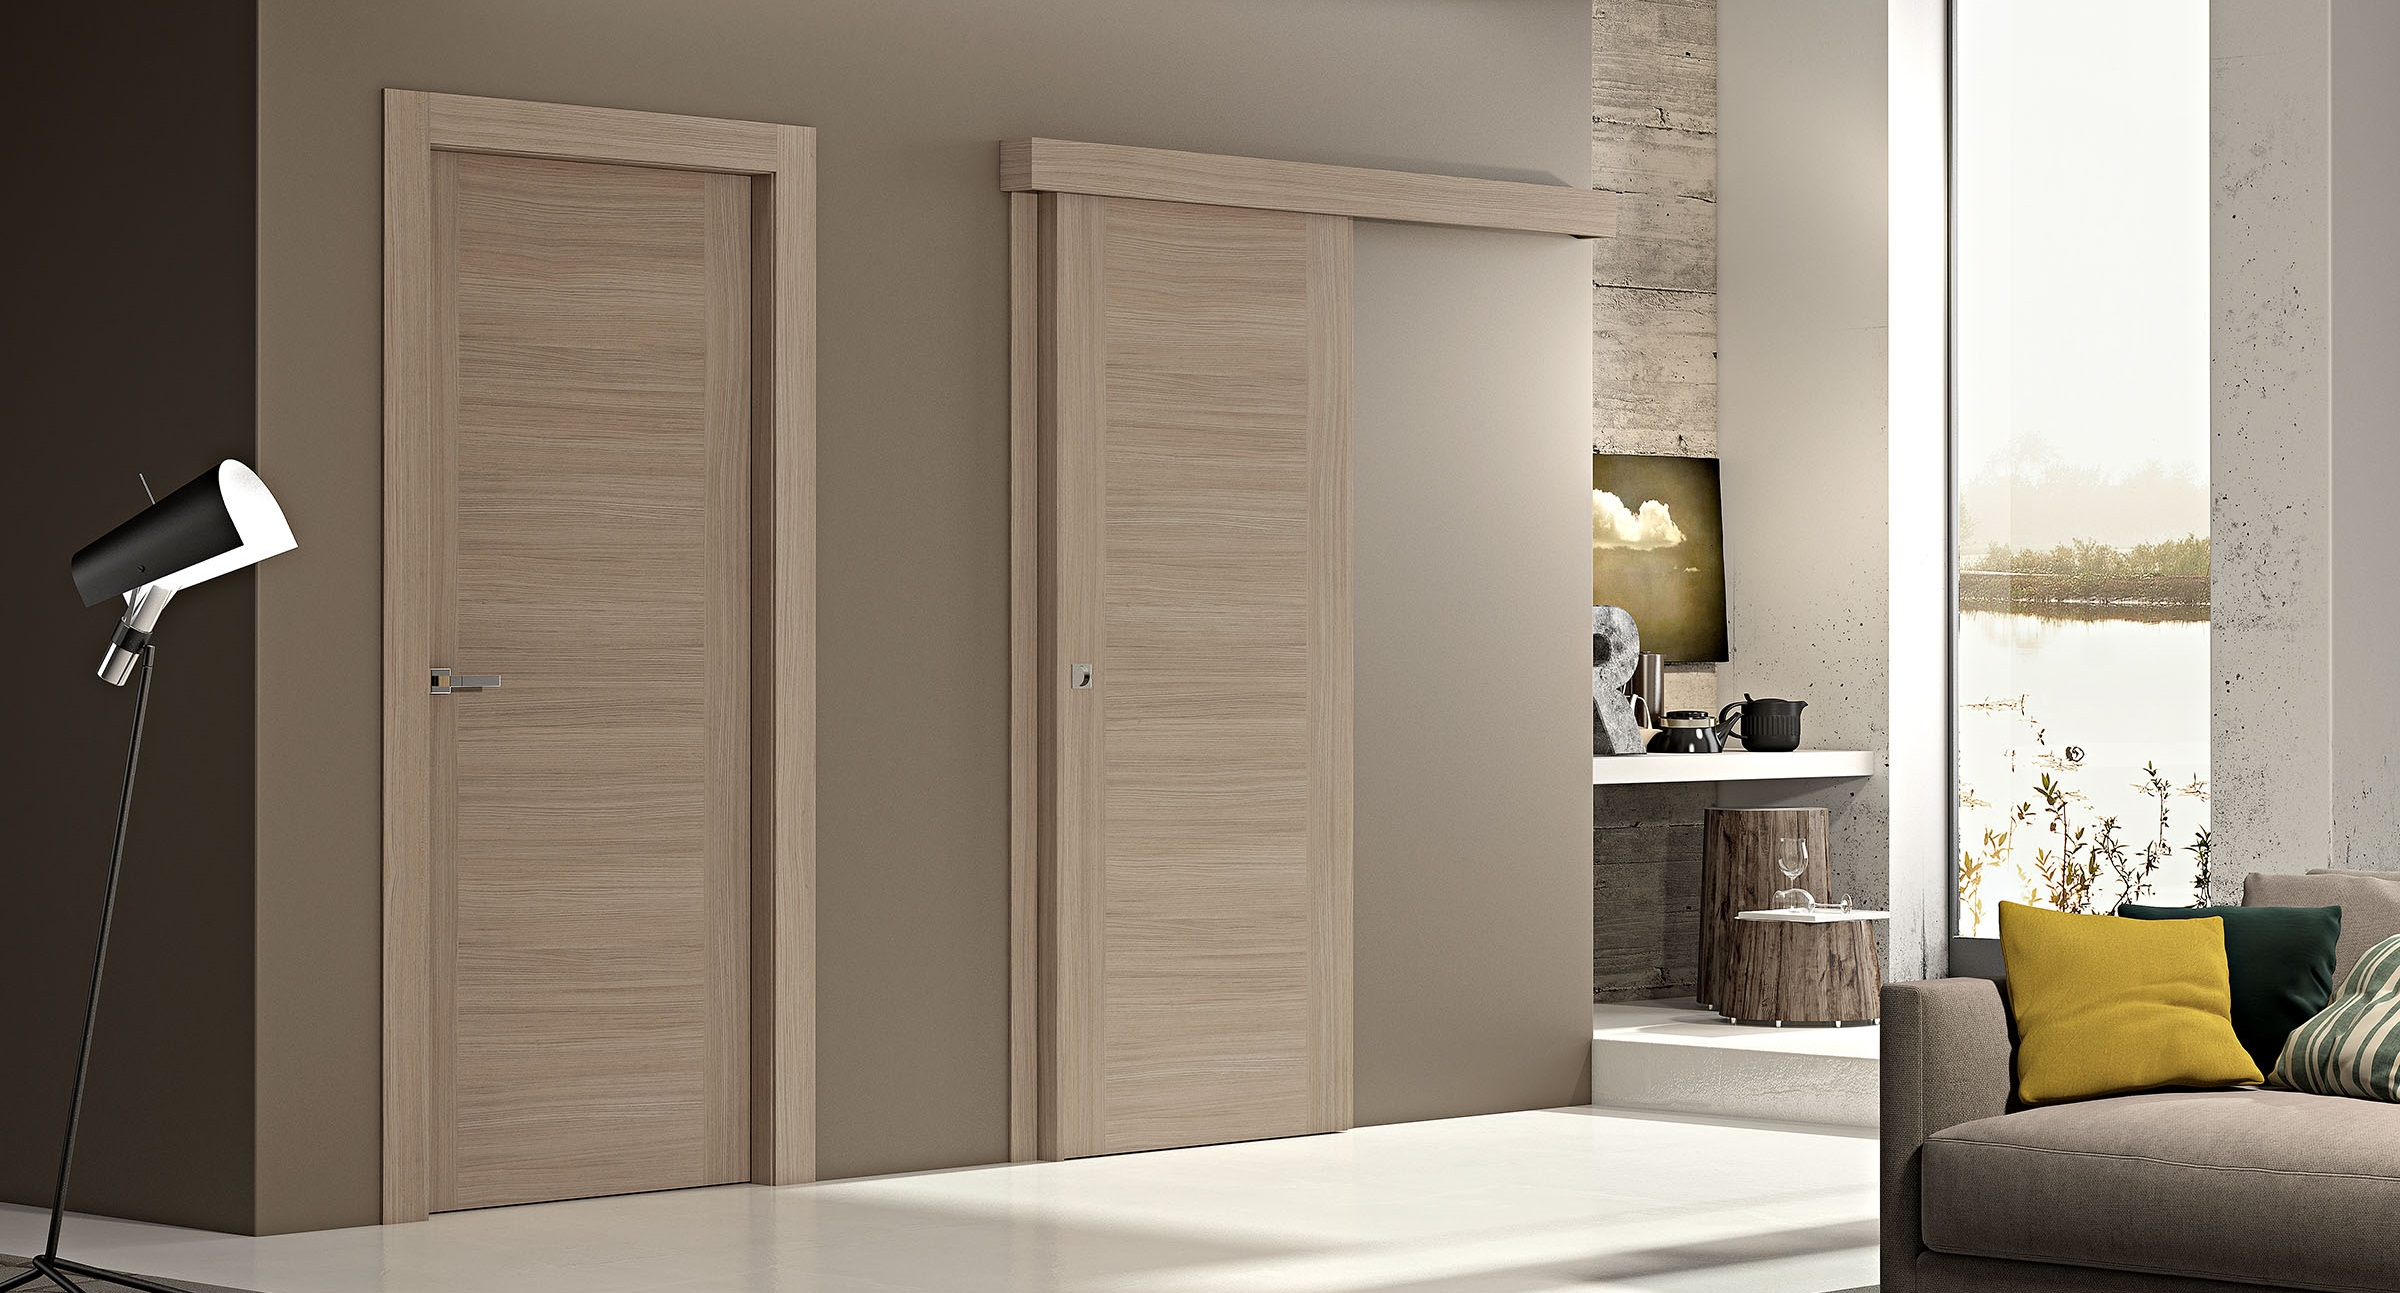 как выбрать межкомнатную дверь для квартиры